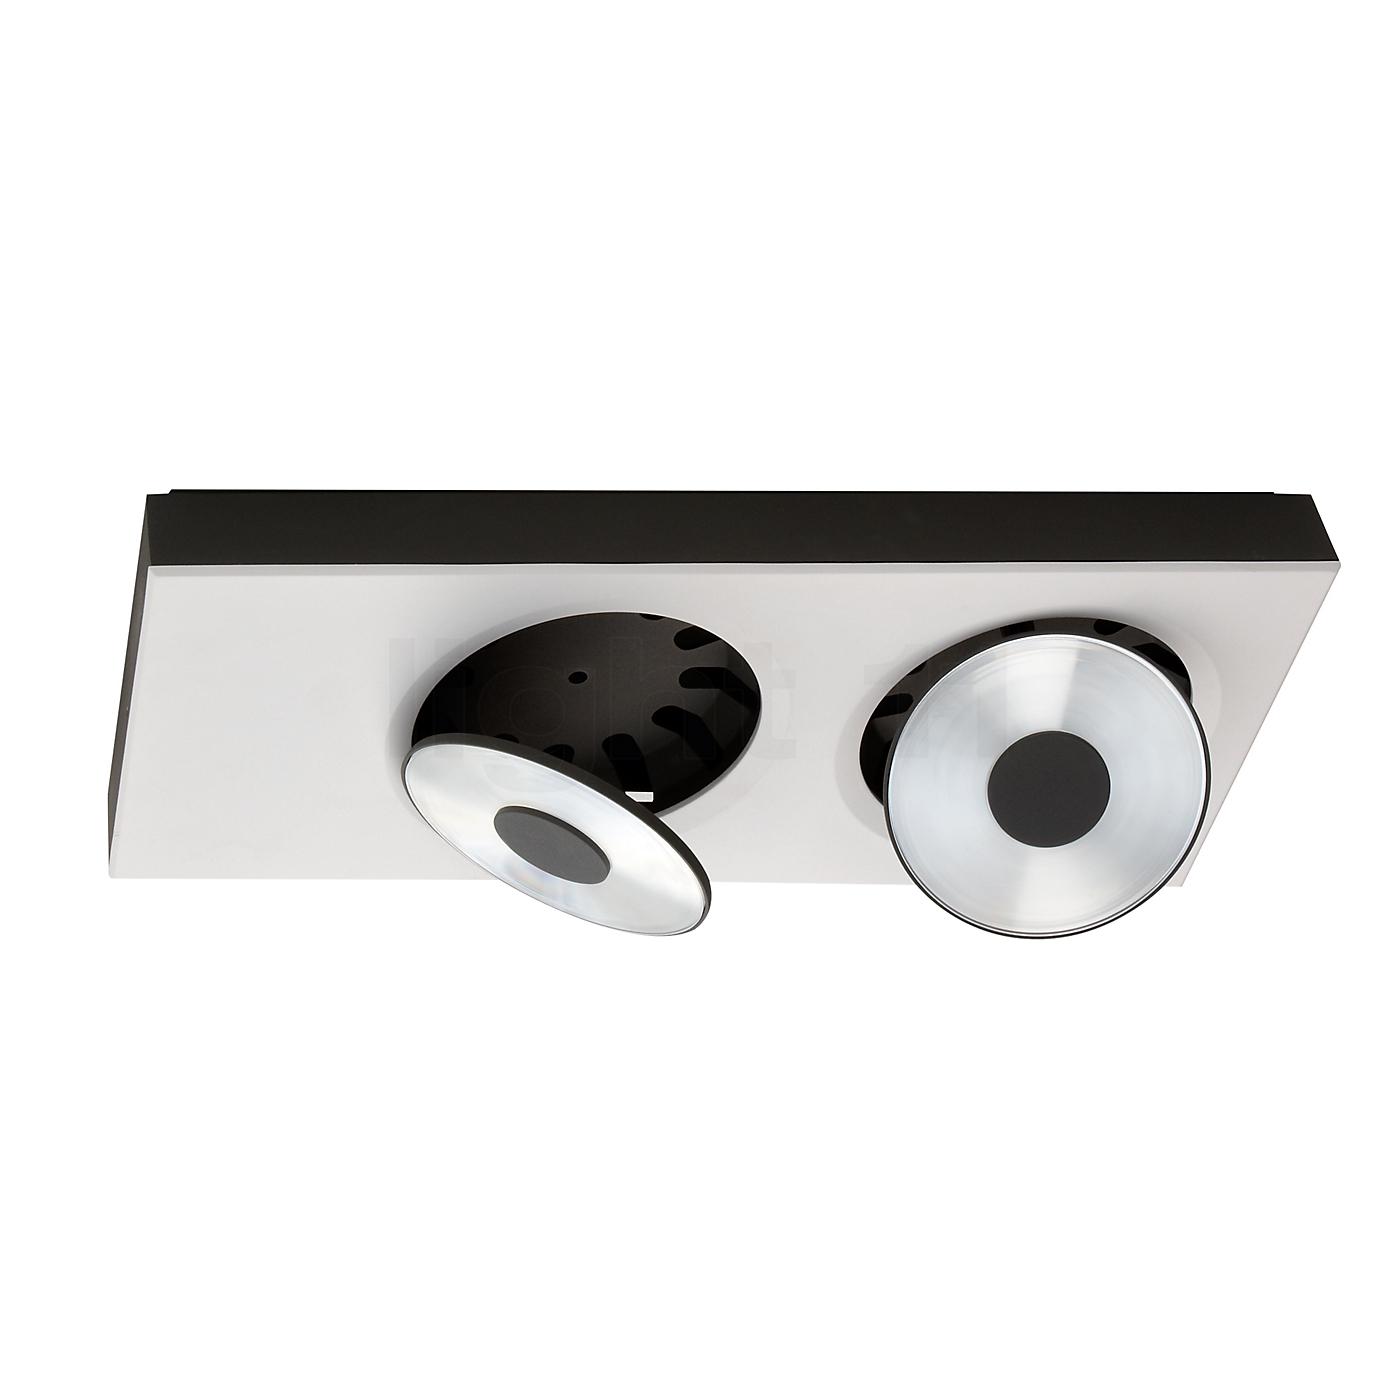 philips lirio circulis deckenleuchte led deckenleuchte. Black Bedroom Furniture Sets. Home Design Ideas